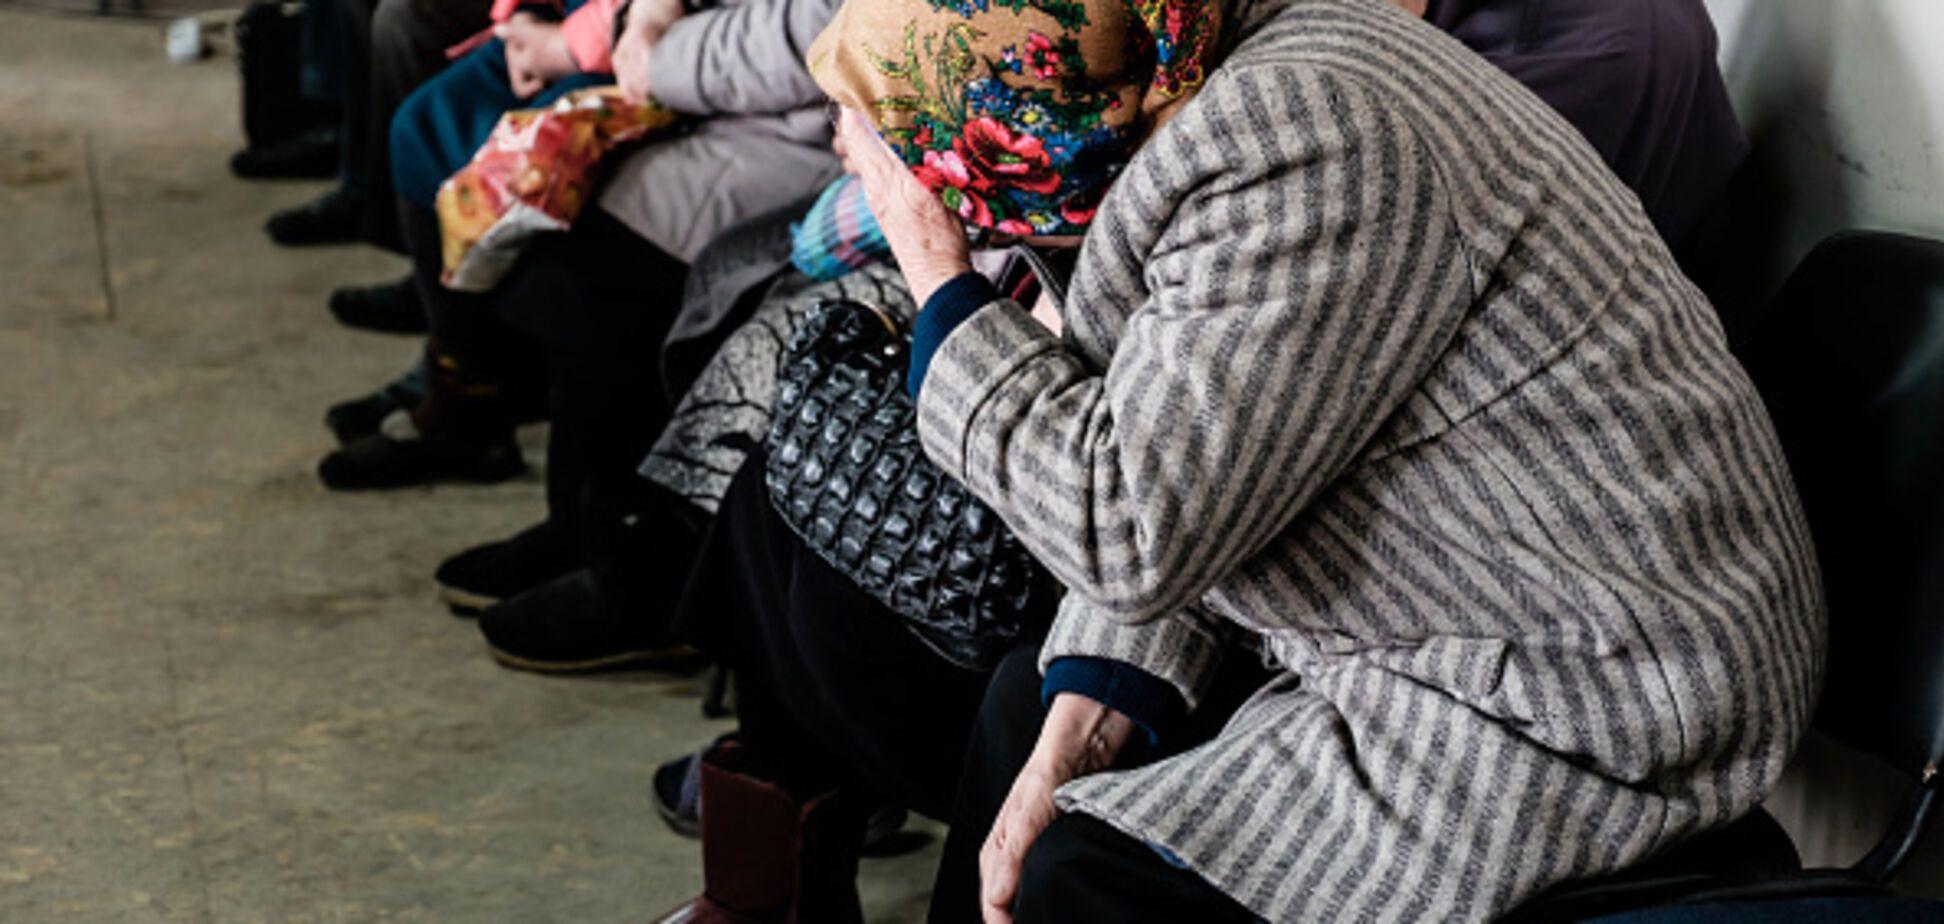 Когда х*ло сдохнет: сеть поразил разговор пенсионерок о войне